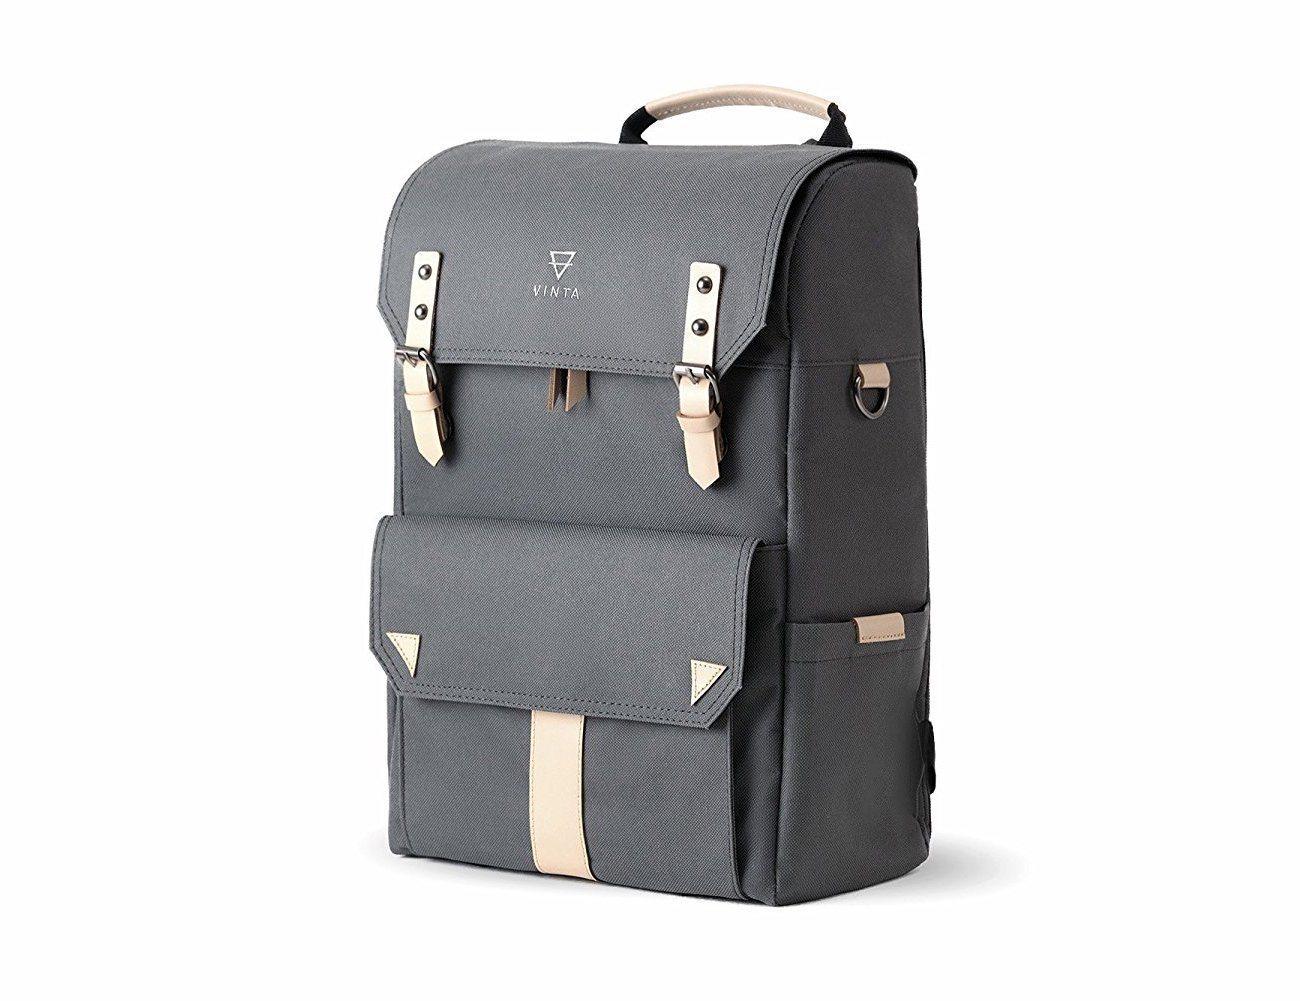 VINTA Modern Traveler Type II Camera Backpack » Gadget Flow